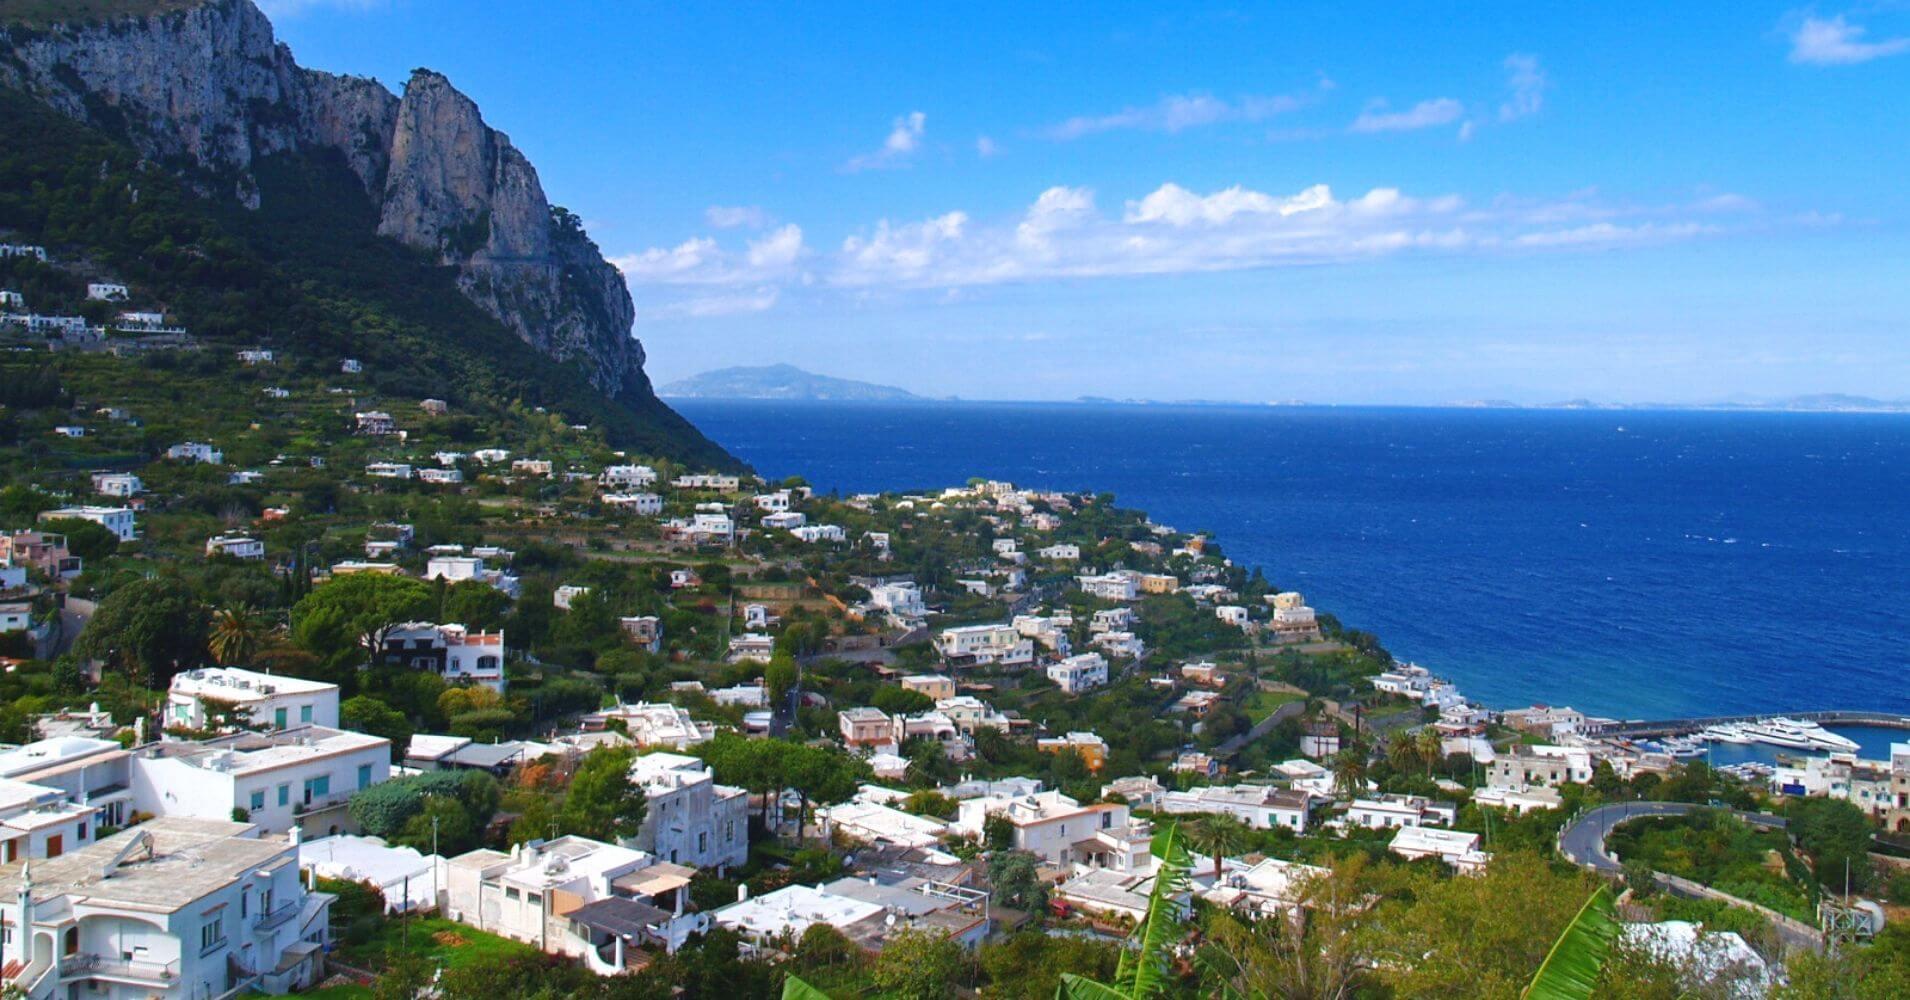 Capri la isla Bonita, Campania en Italia.